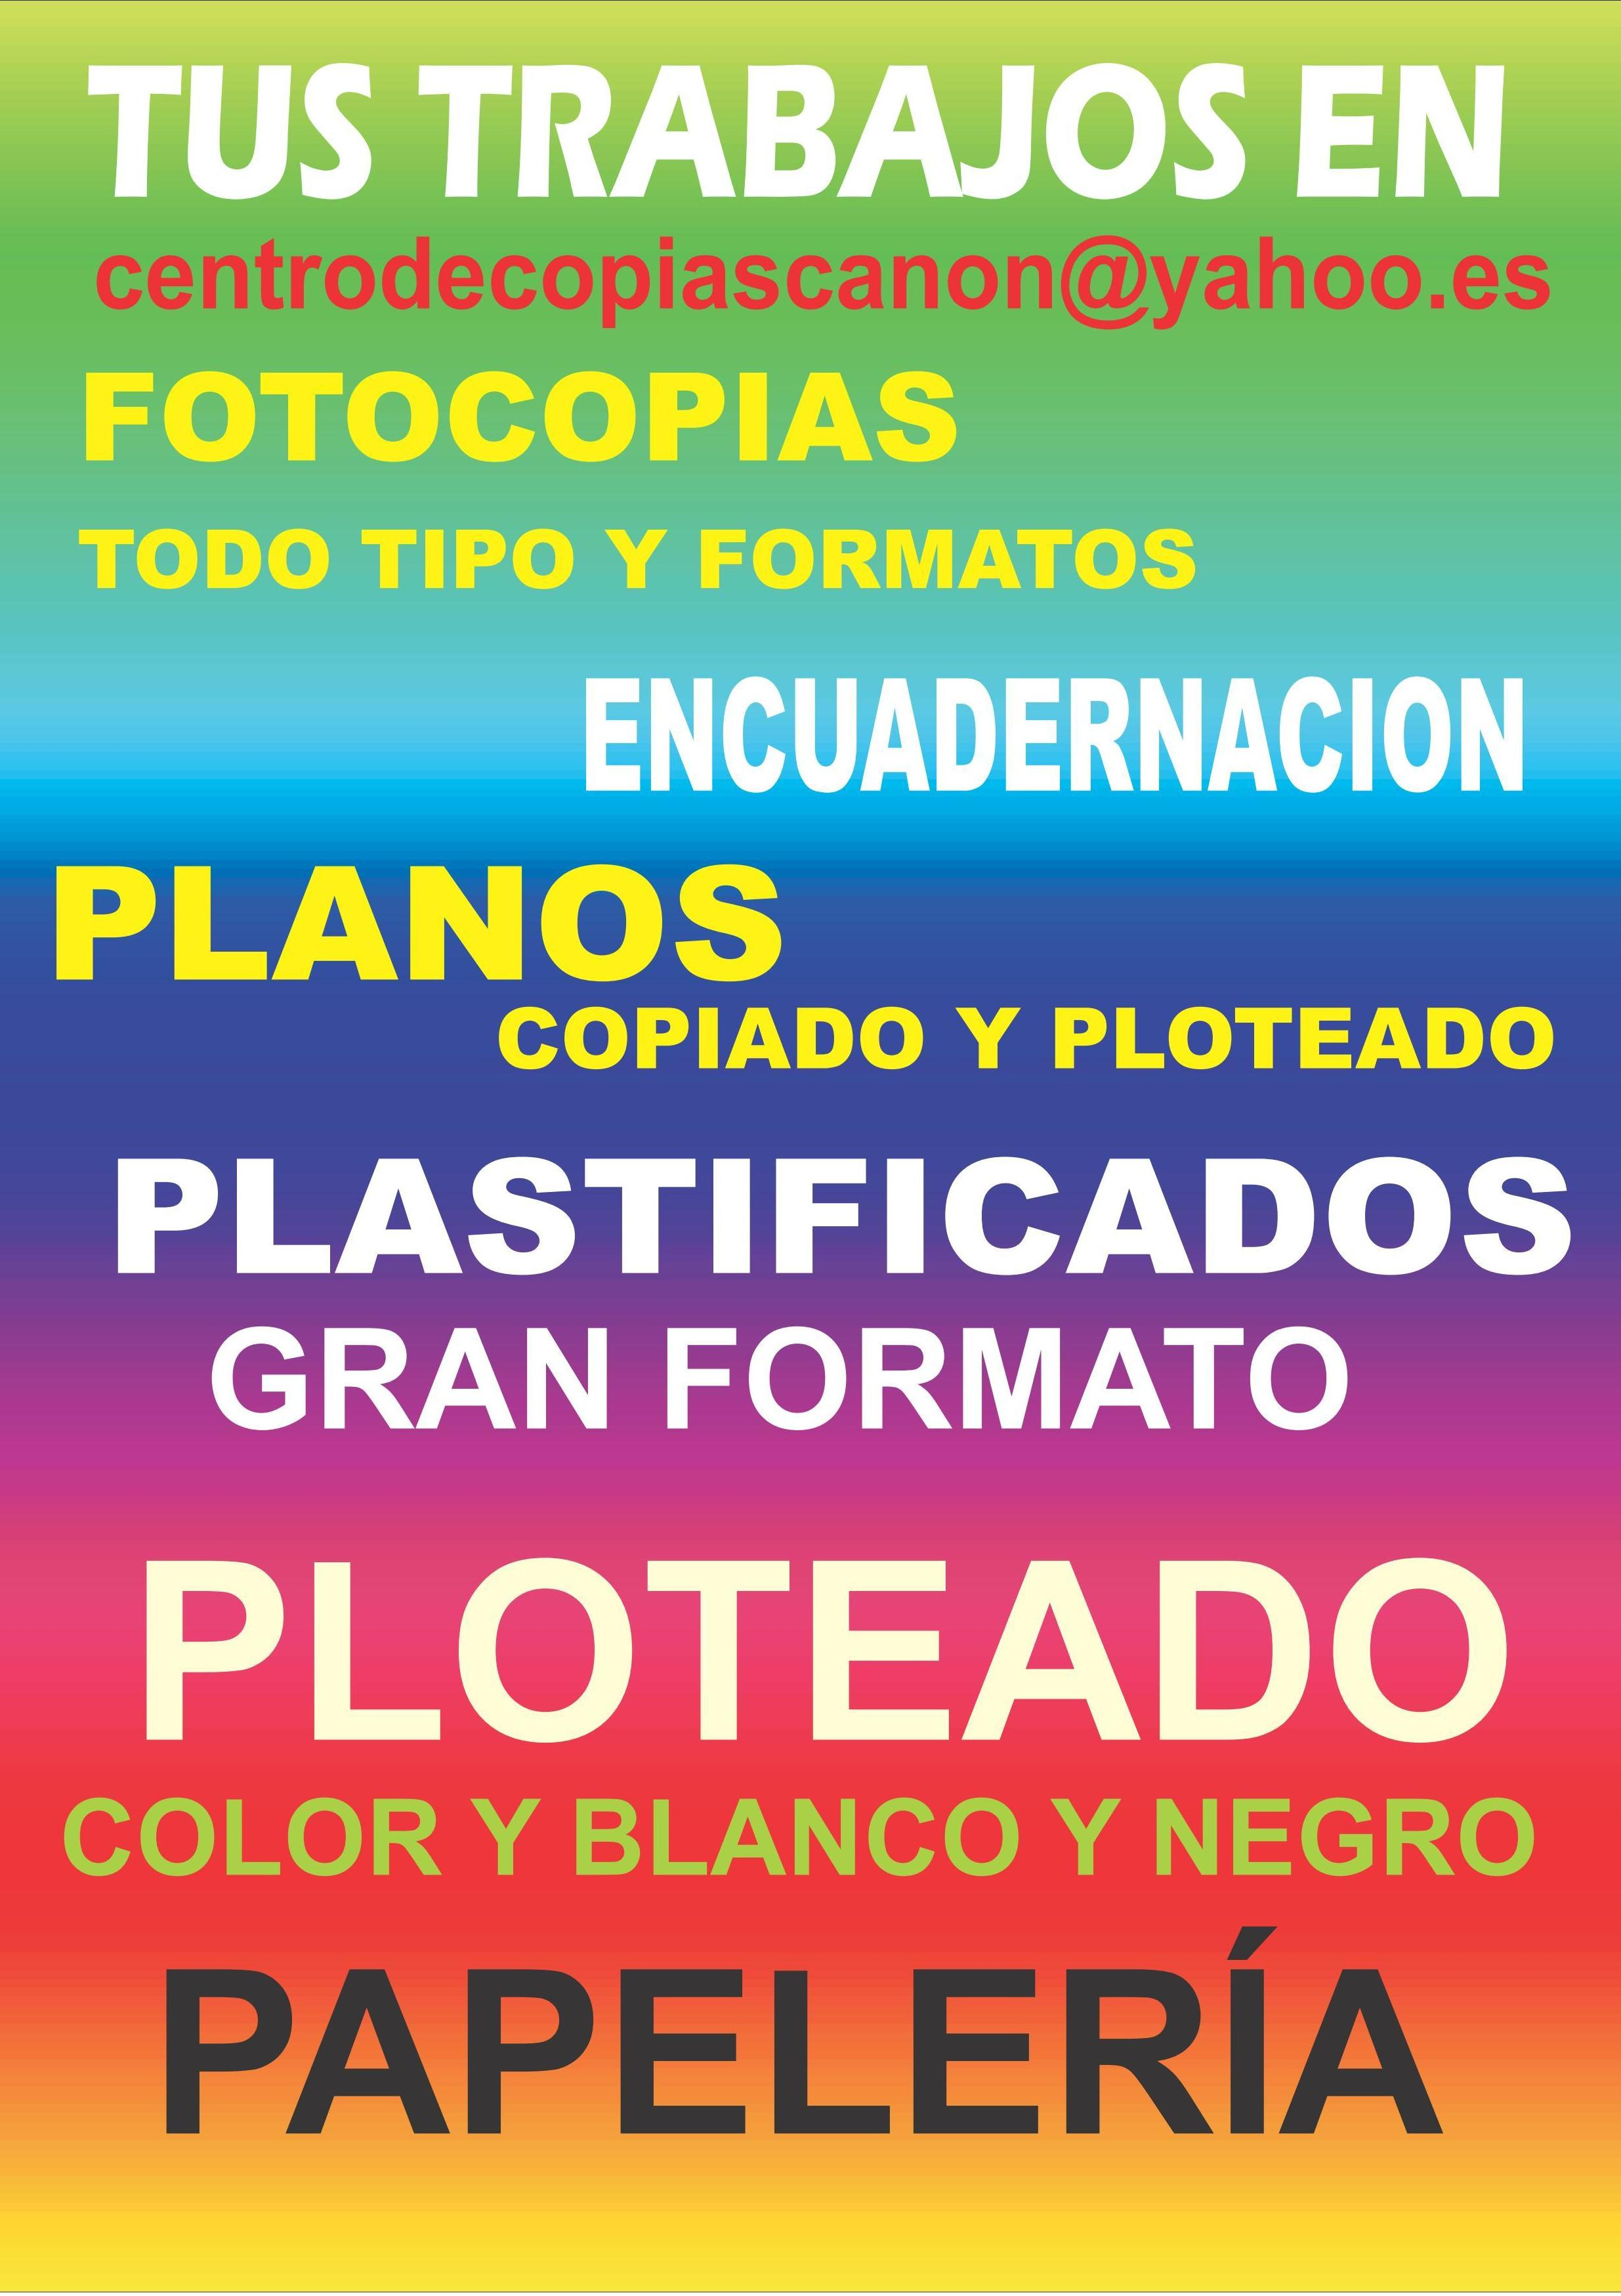 Foto 2 de Copias en Alcalá de Henares | Centro de Copias Canon